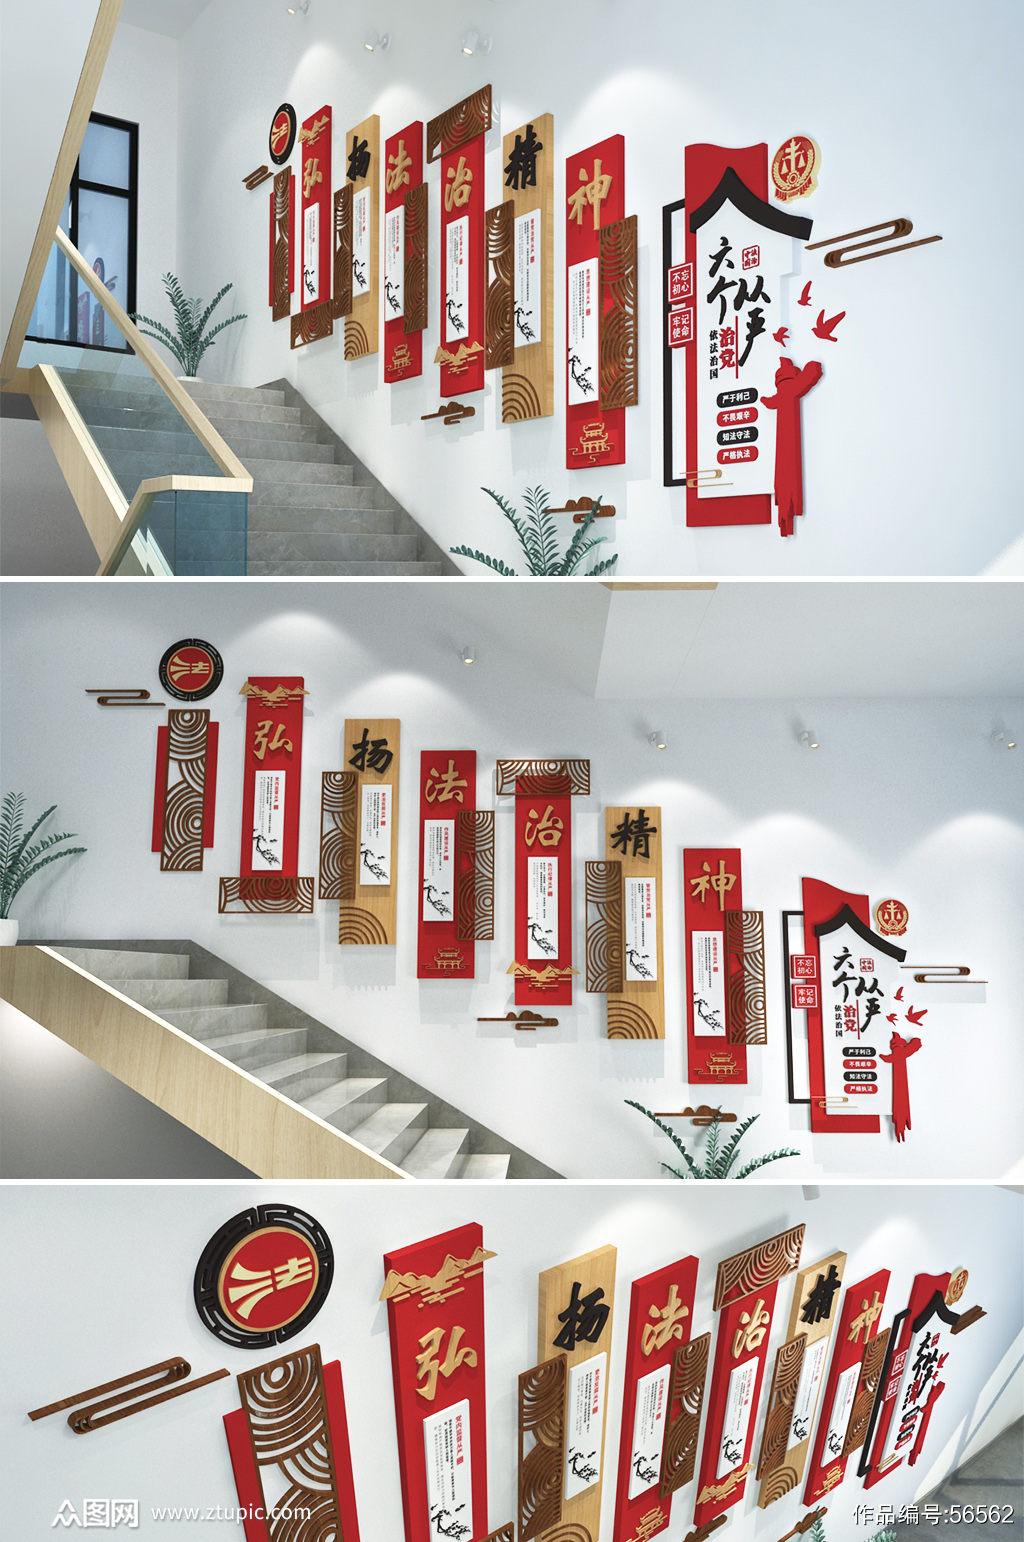 法治精神法治楼梯文化墙素材